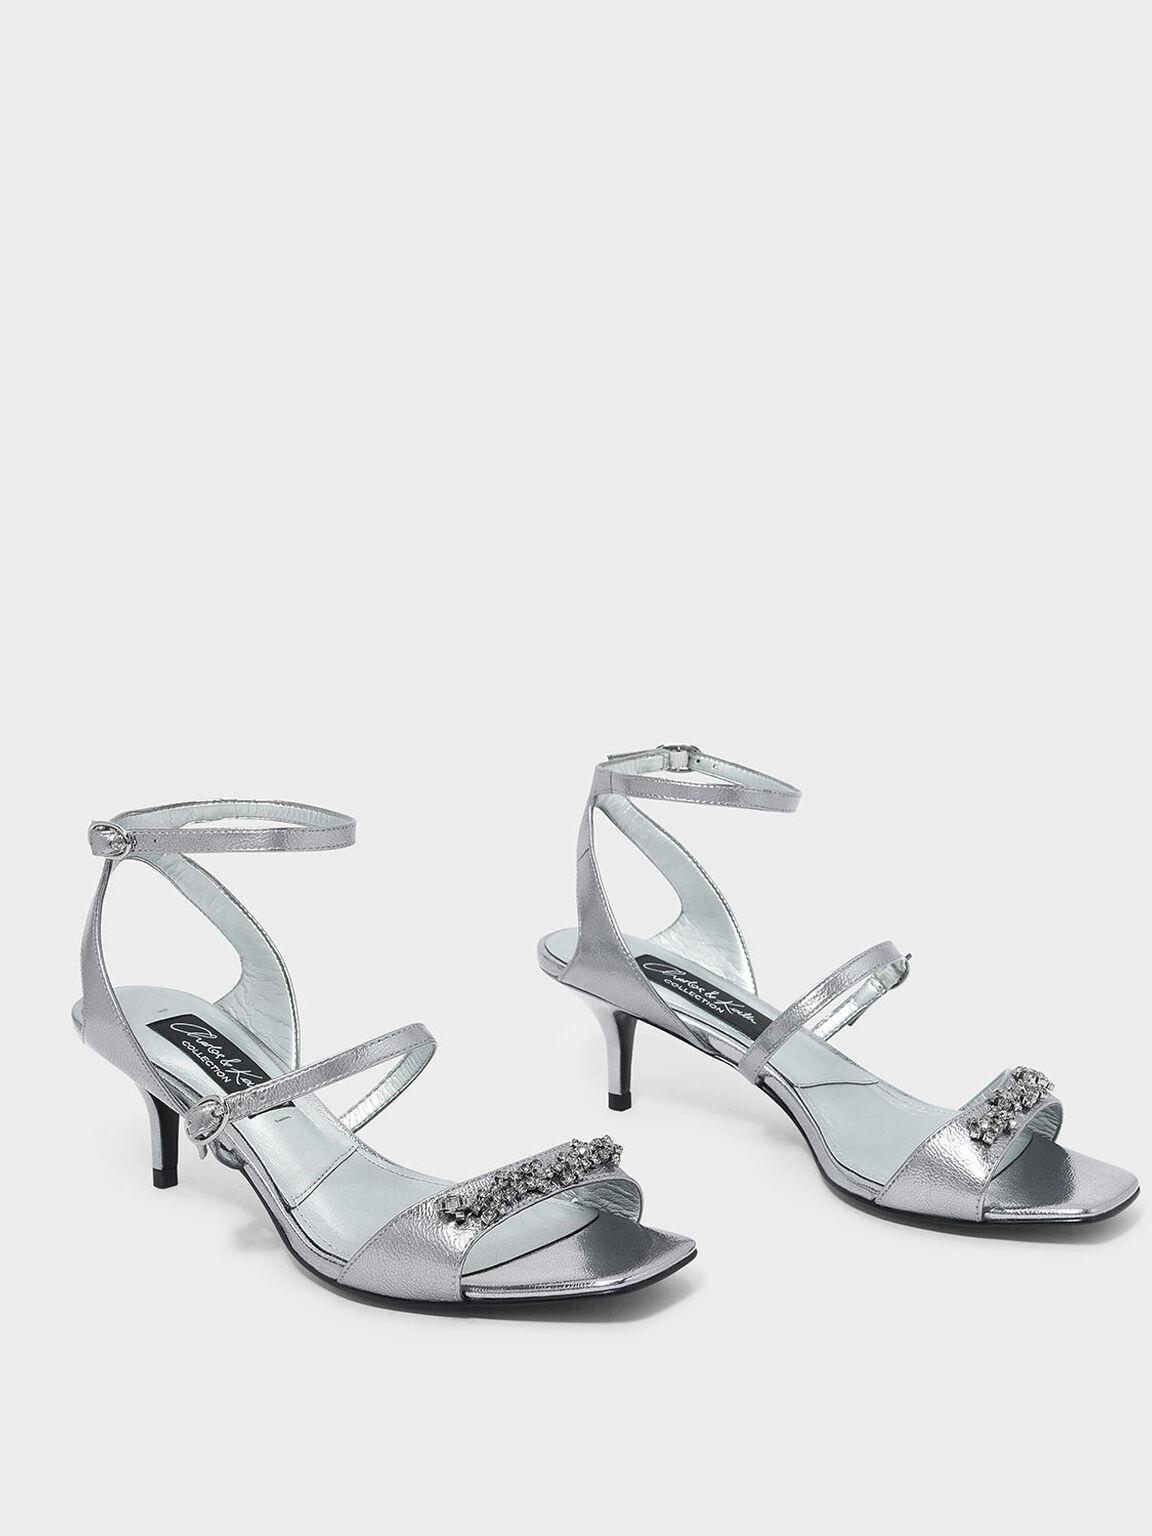 Embellished Leather Heeled Sandals, Pewter, hi-res